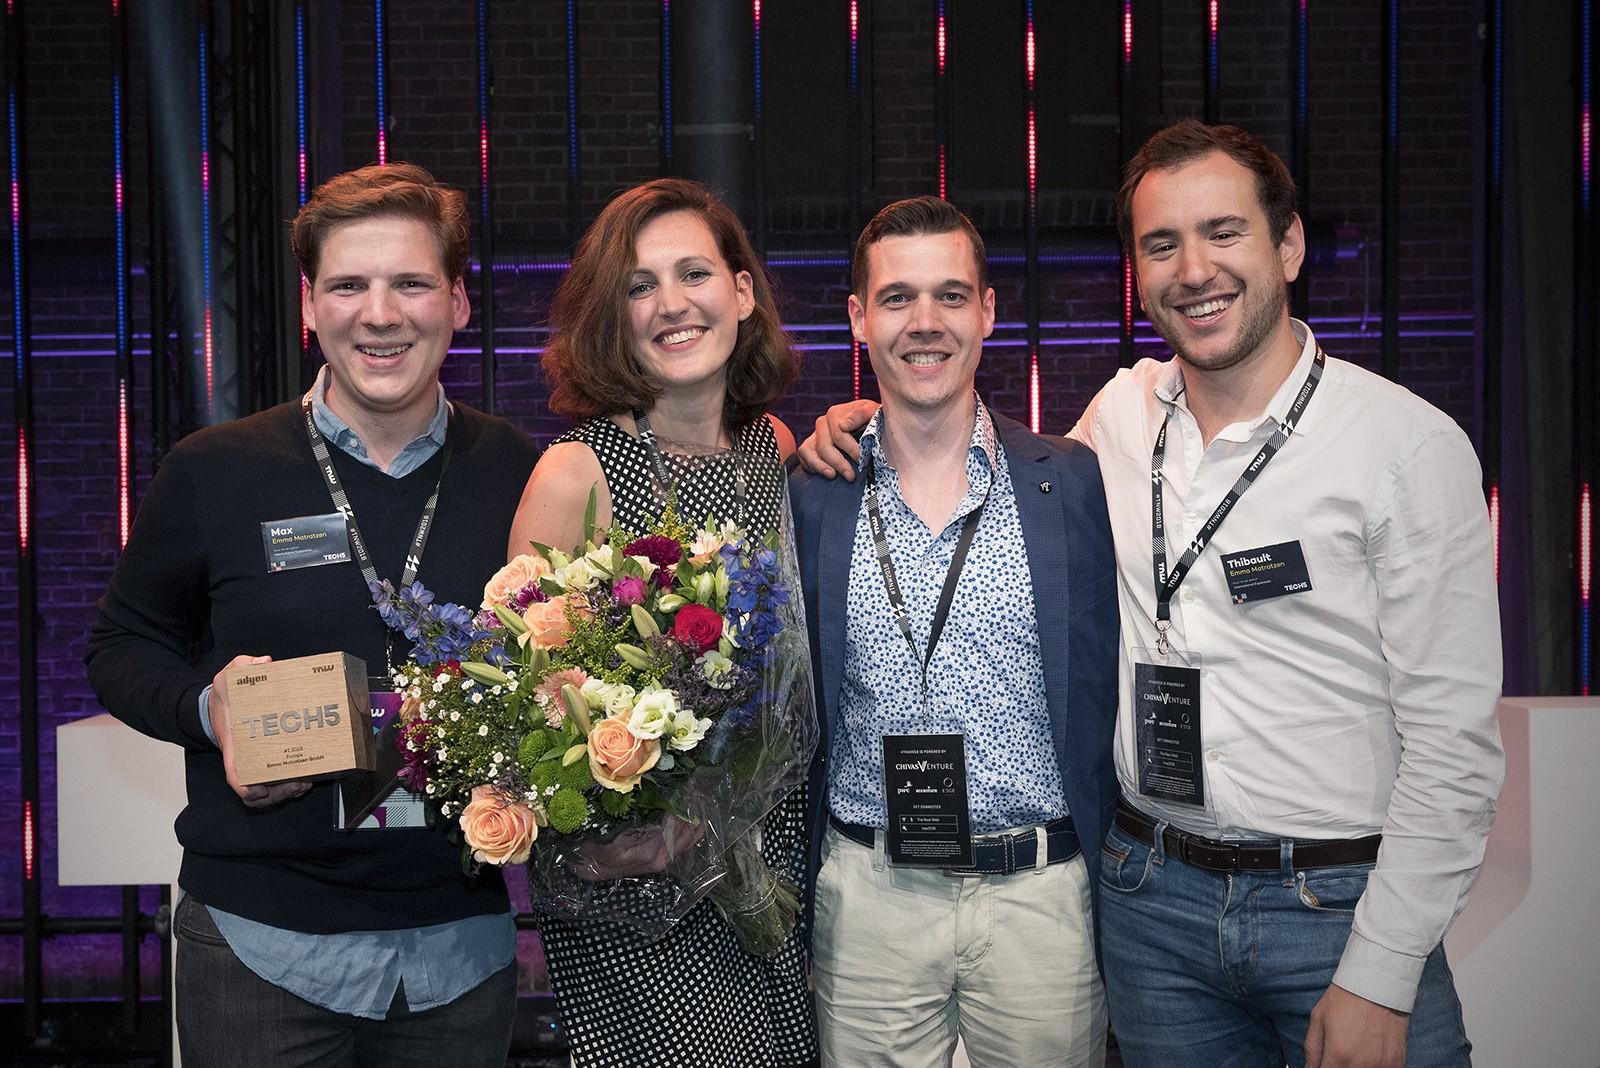 Das Team von Emma Matratzen freut sich über den Tech5 Award